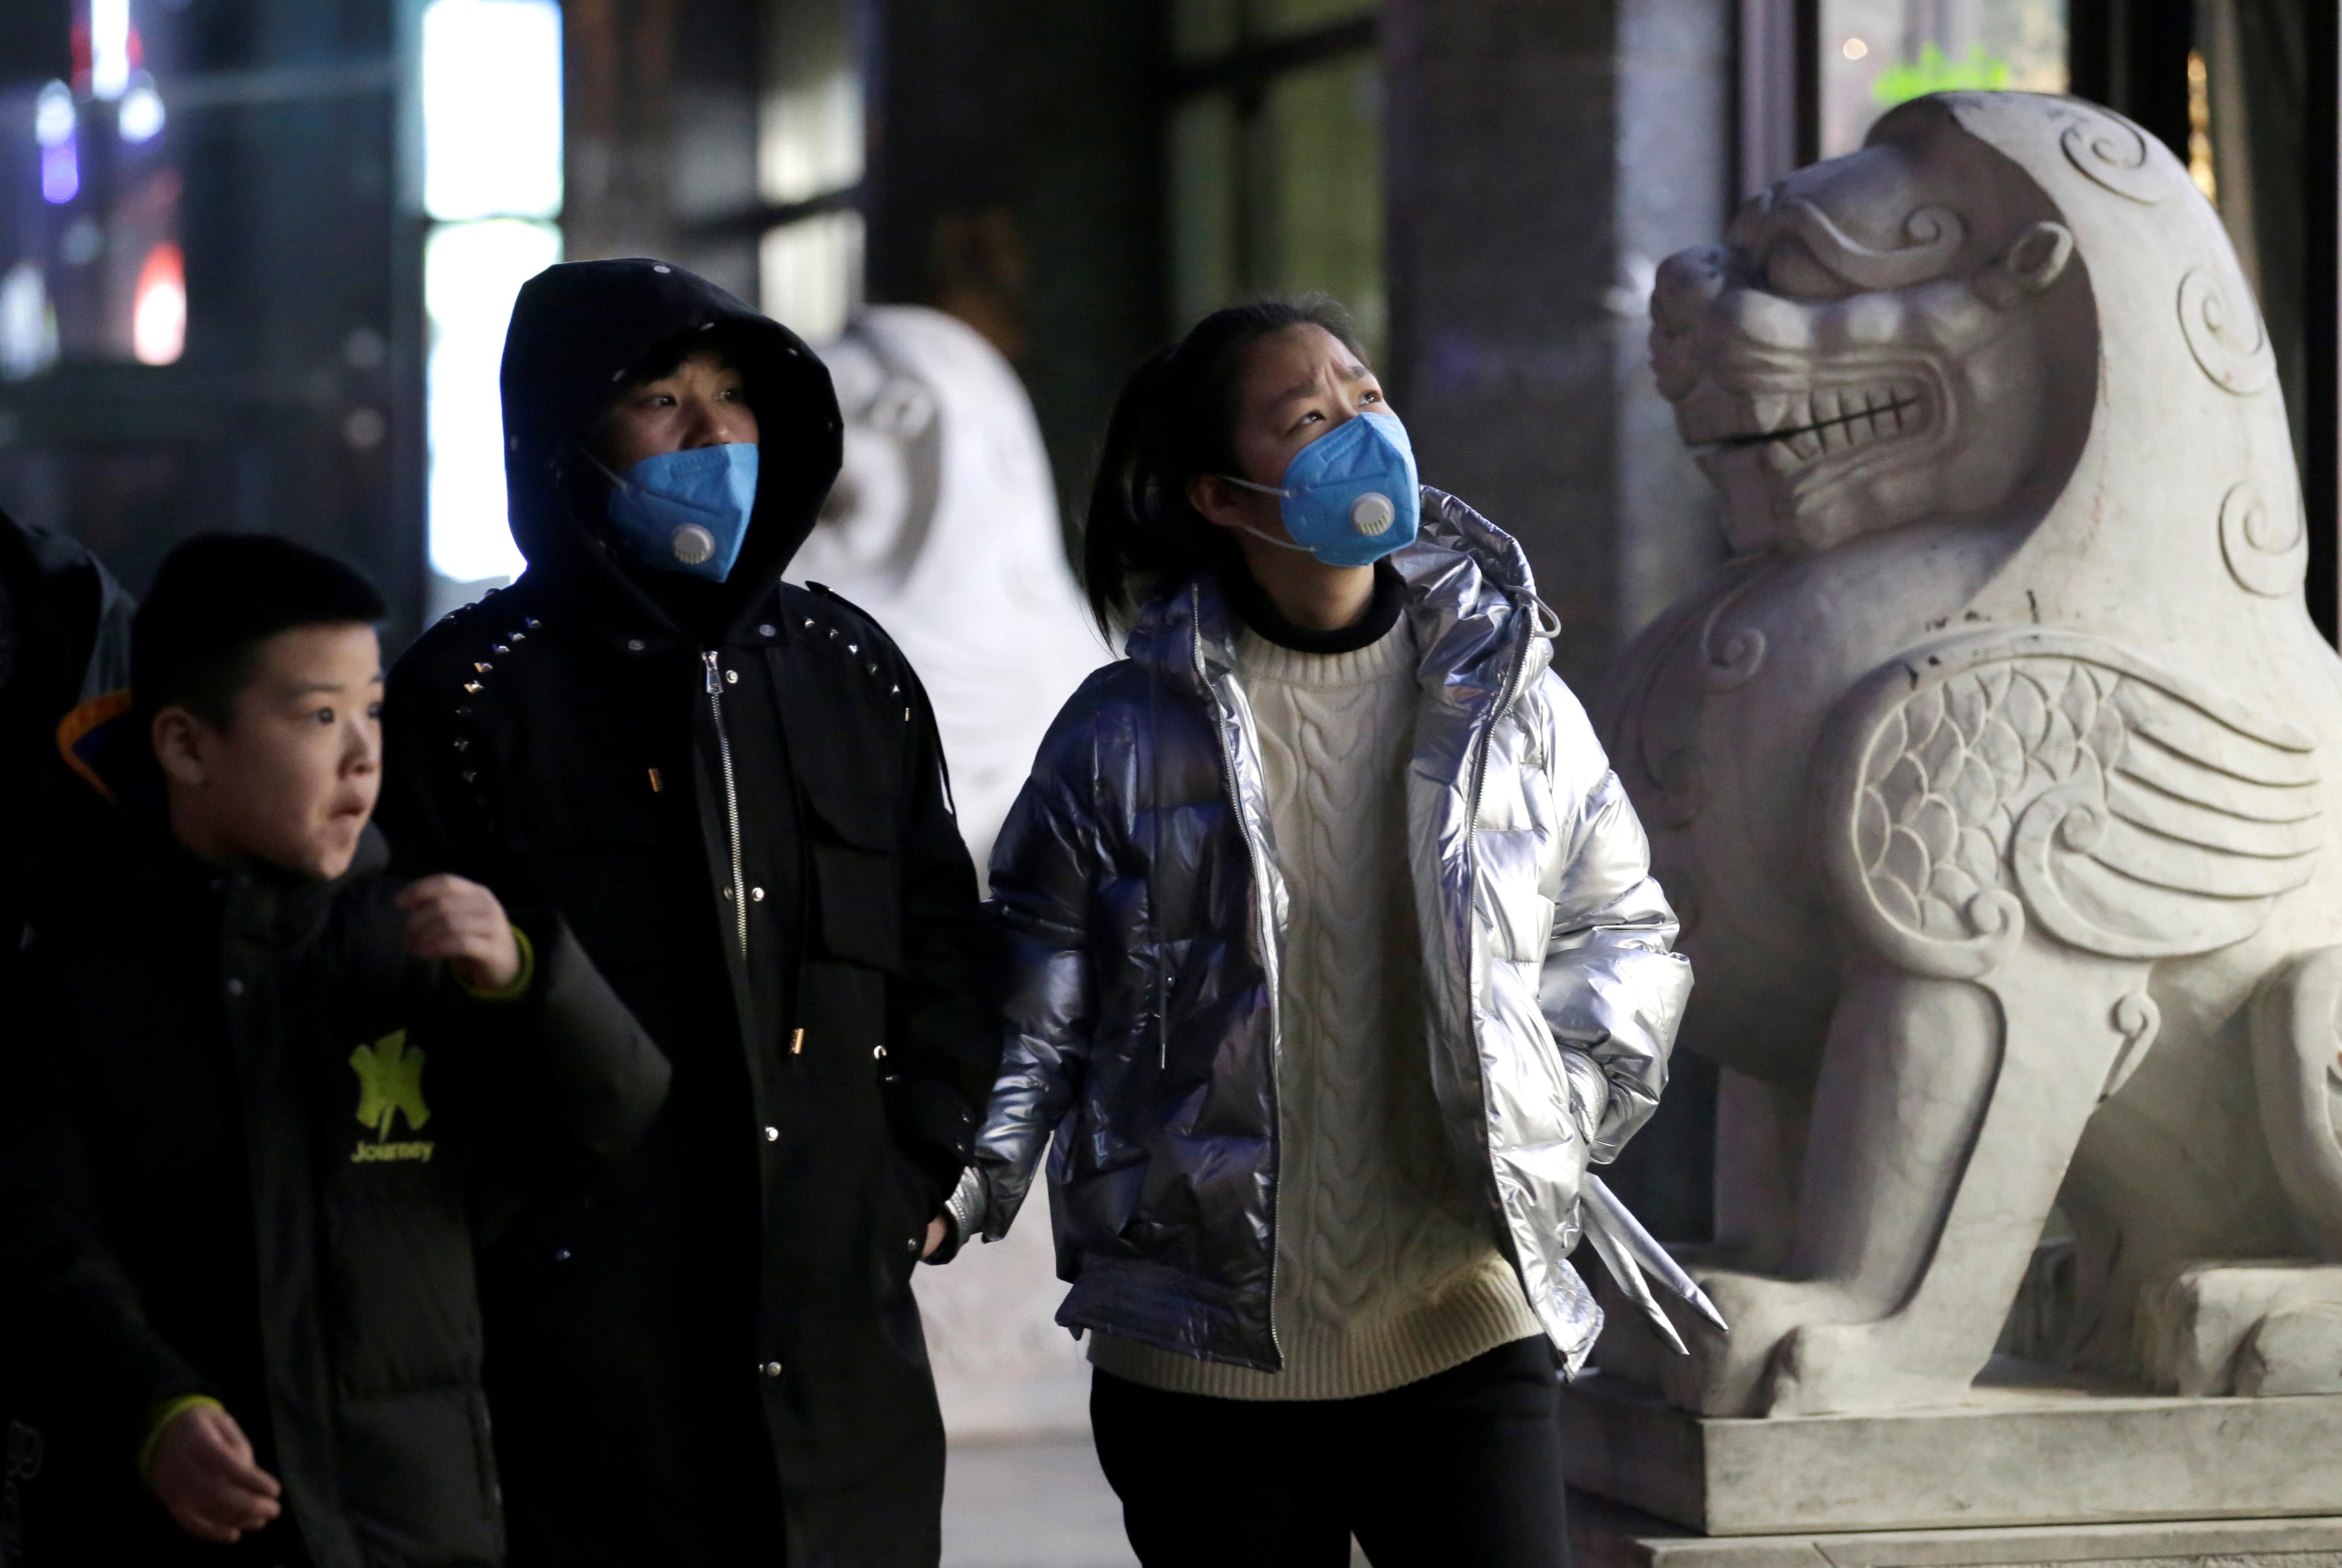 Personas con máscaras caminan por una calle en Beijing, China, 21 de enero de 2020. REUTERS / Jason Lee